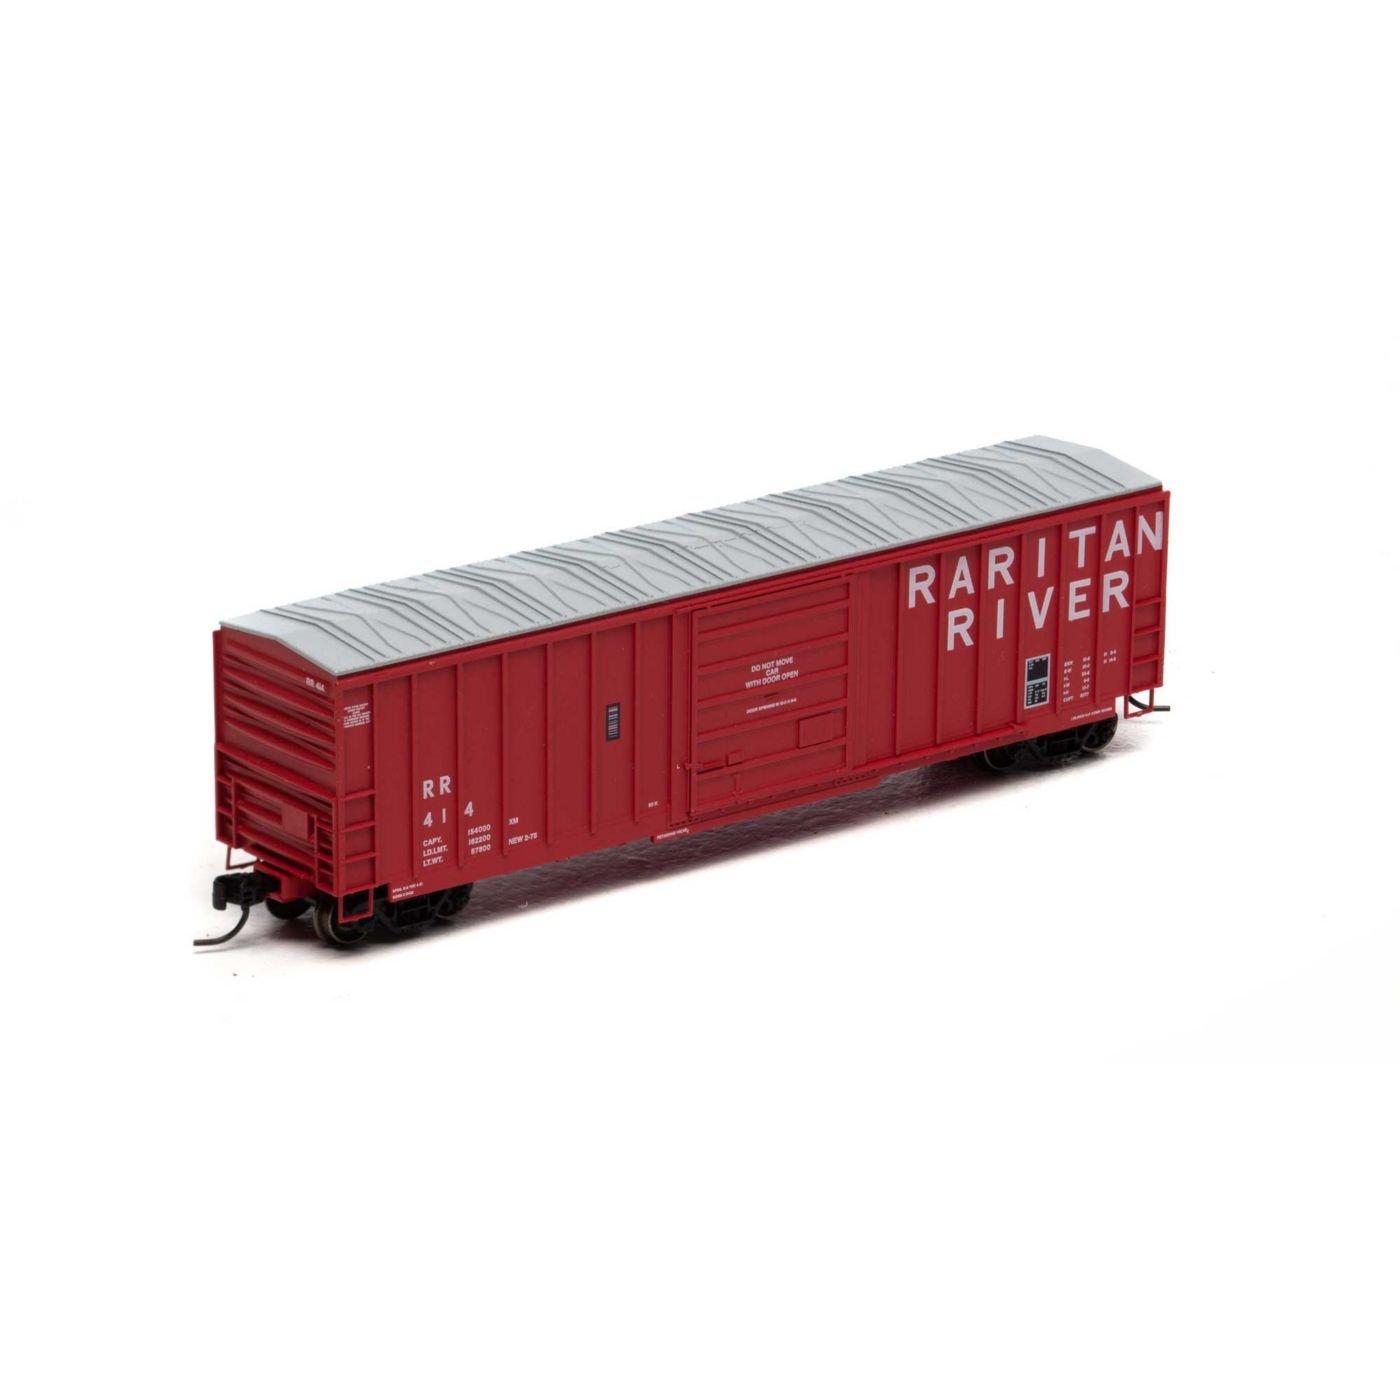 予約販売 Athearn N B07687GVMX 50 ' Sieco N Sieco Box RR # 414 B07687GVMX, 漆器たかやすみ:3356a46d --- a0267596.xsph.ru